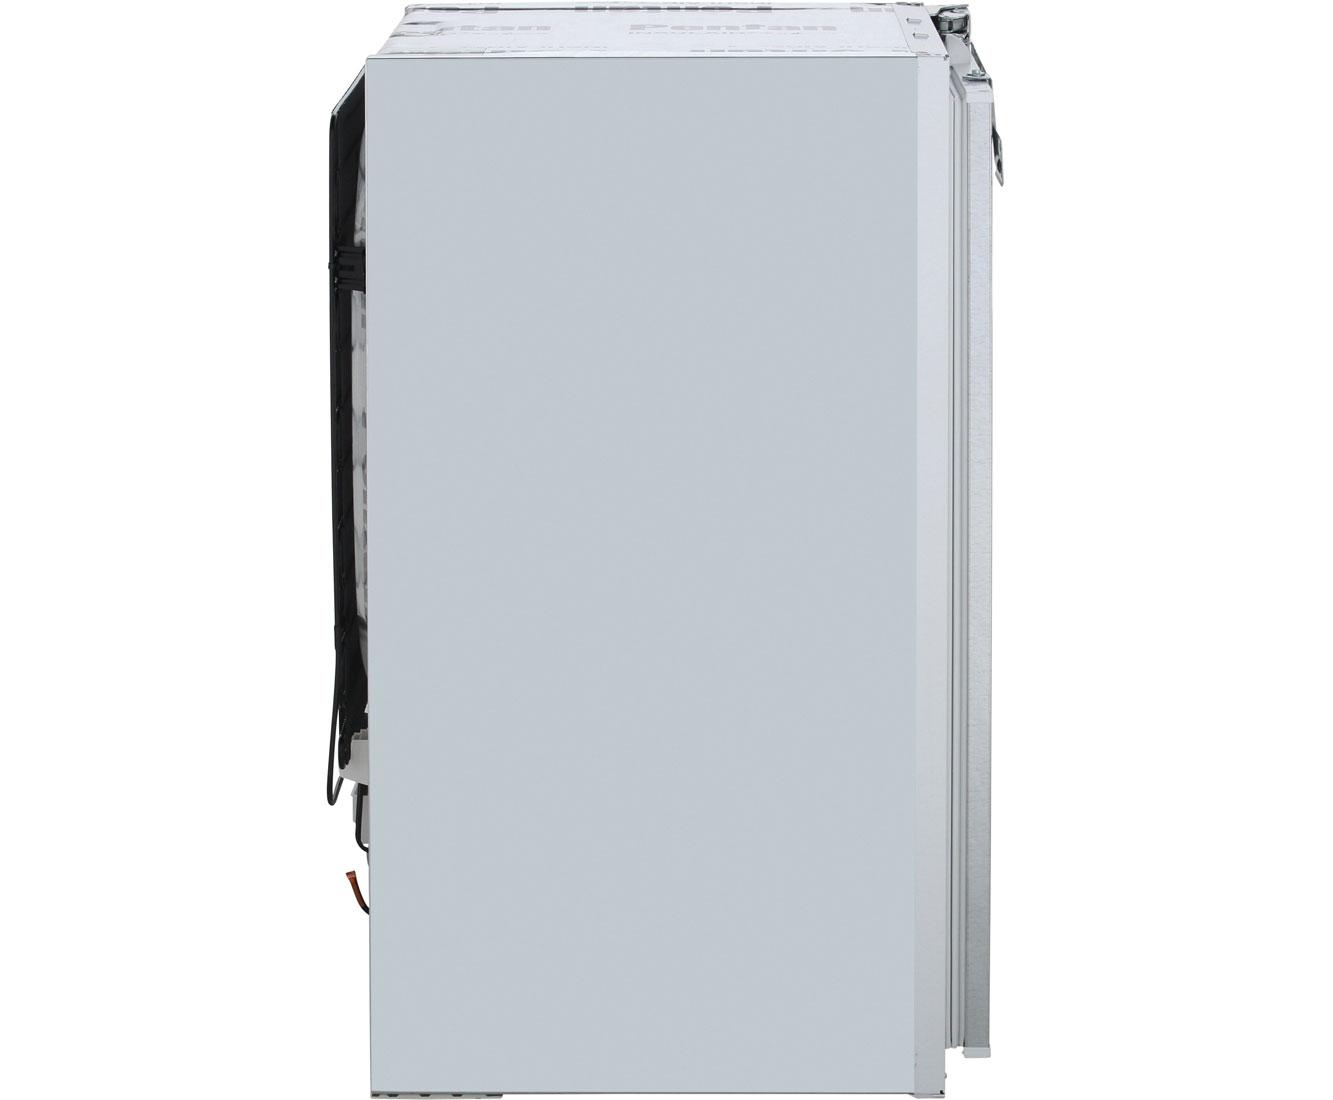 Siemens Kühlschrank Retro : Siemens iq100 ki18rv52 einbau kühlschrank 88er nische festtür